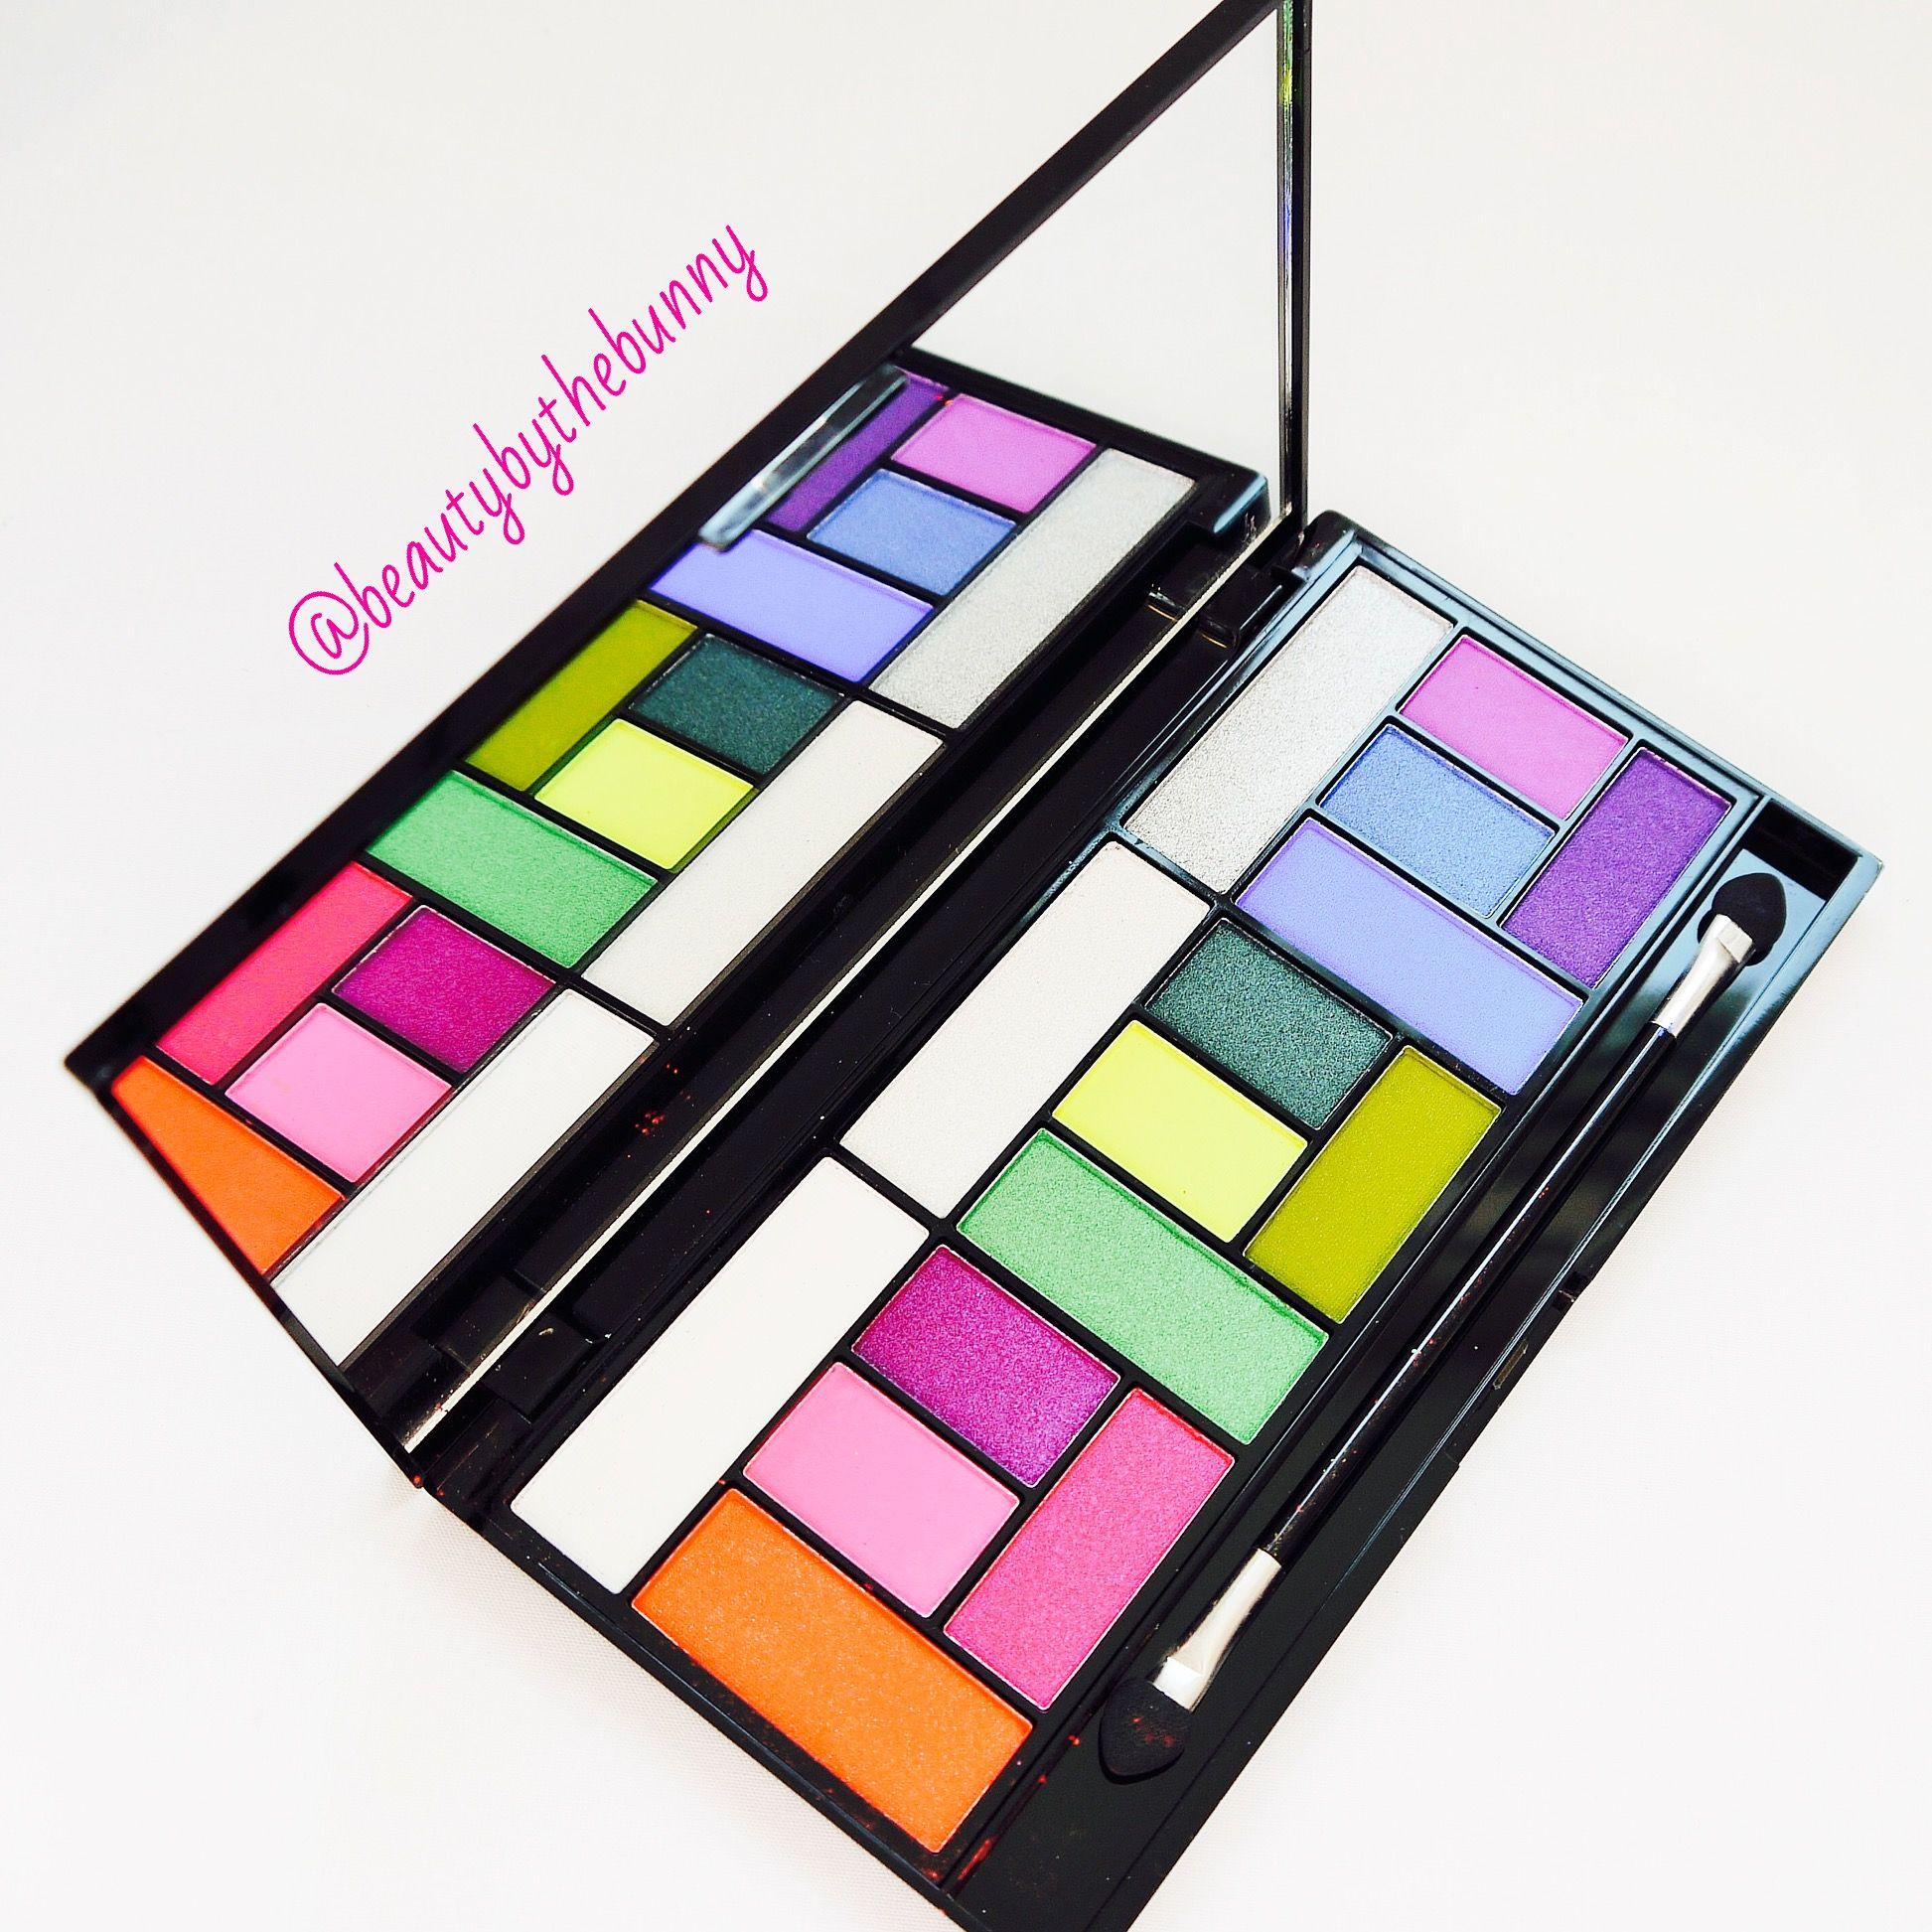 Makeup Revolution Palette Makeup revolution palette